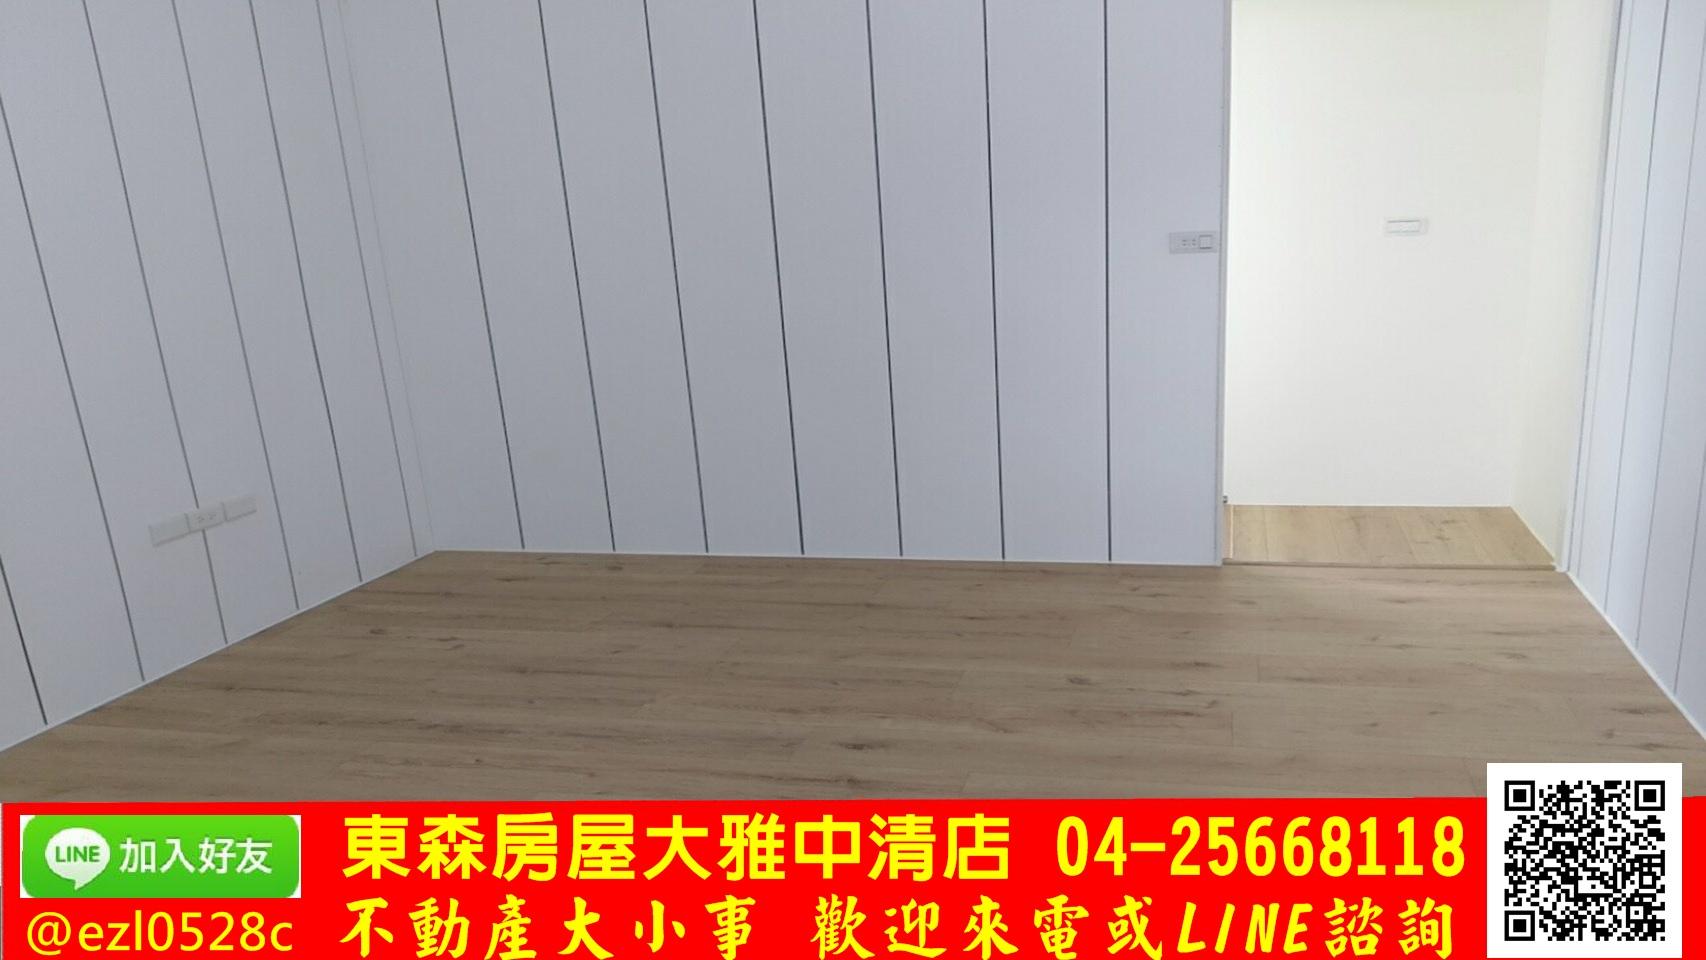 東森房屋大雅中清店-車站活路透天